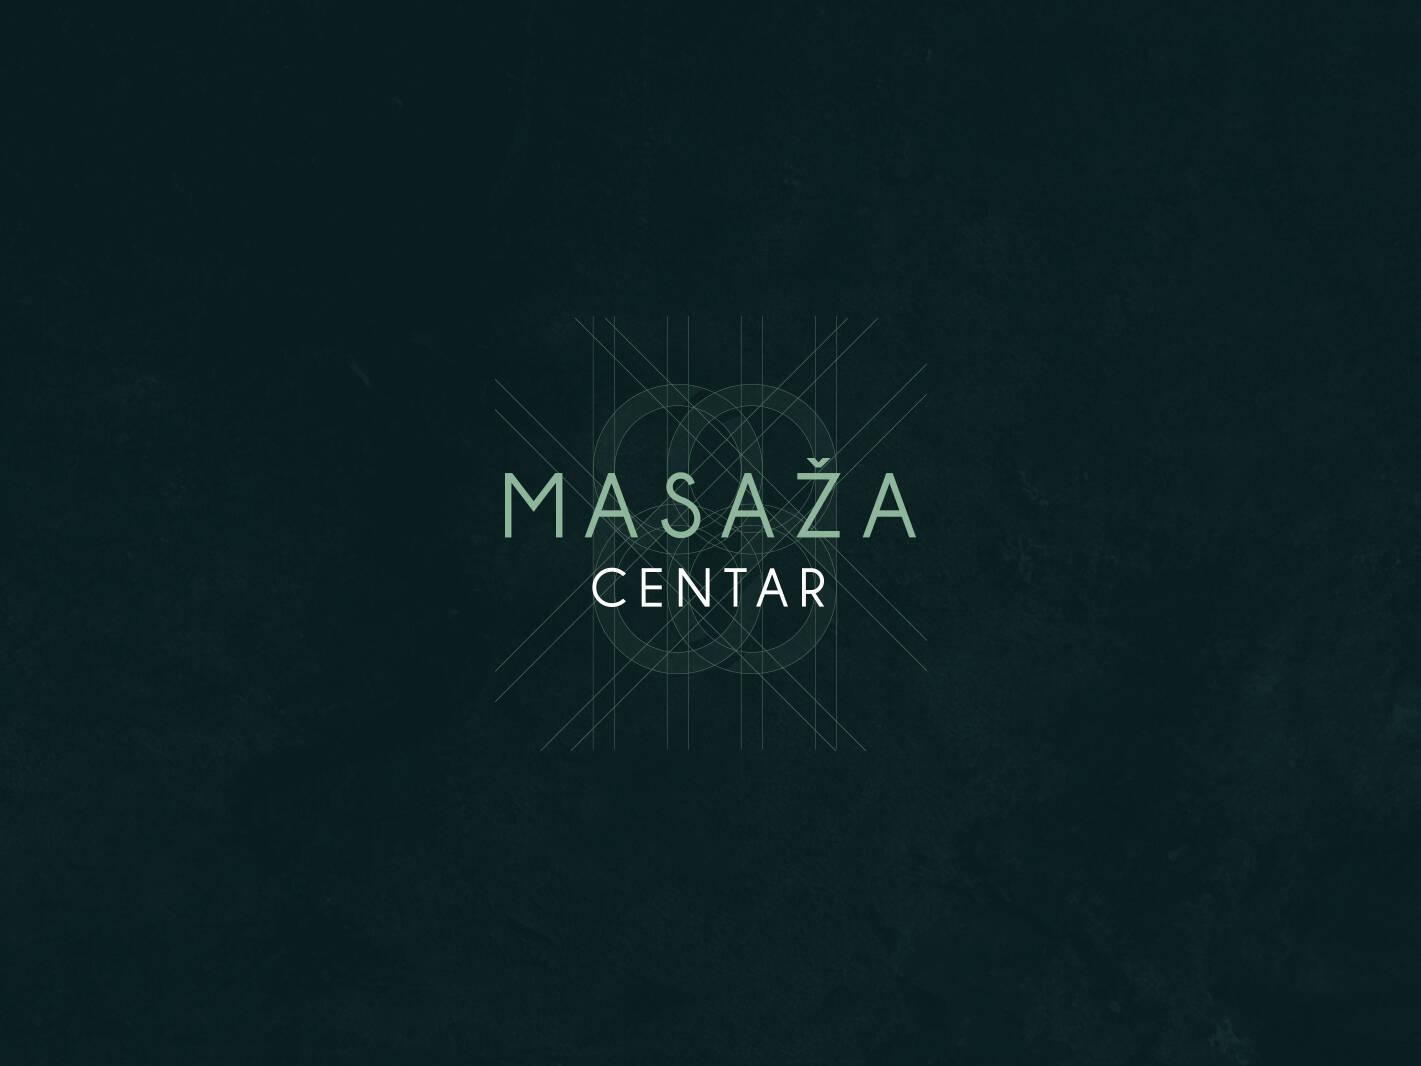 masaza centar portfolio